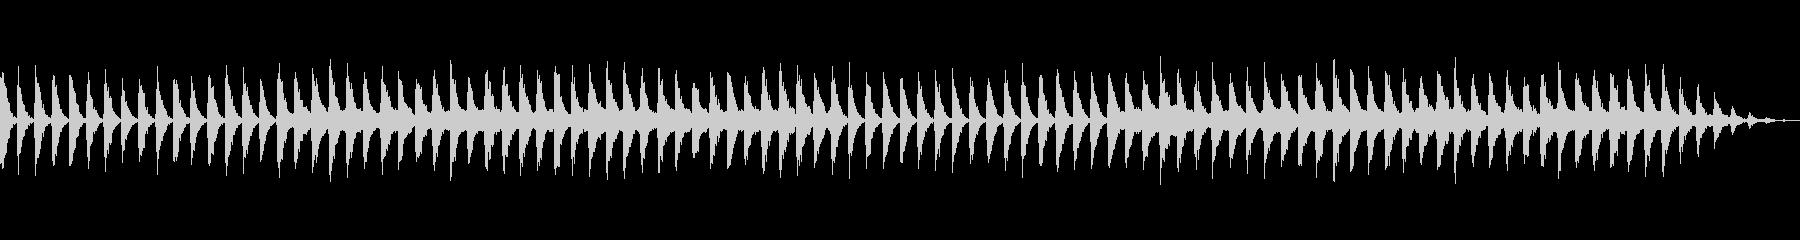 睡眠レベルを高めるリラクゼーション音楽の未再生の波形